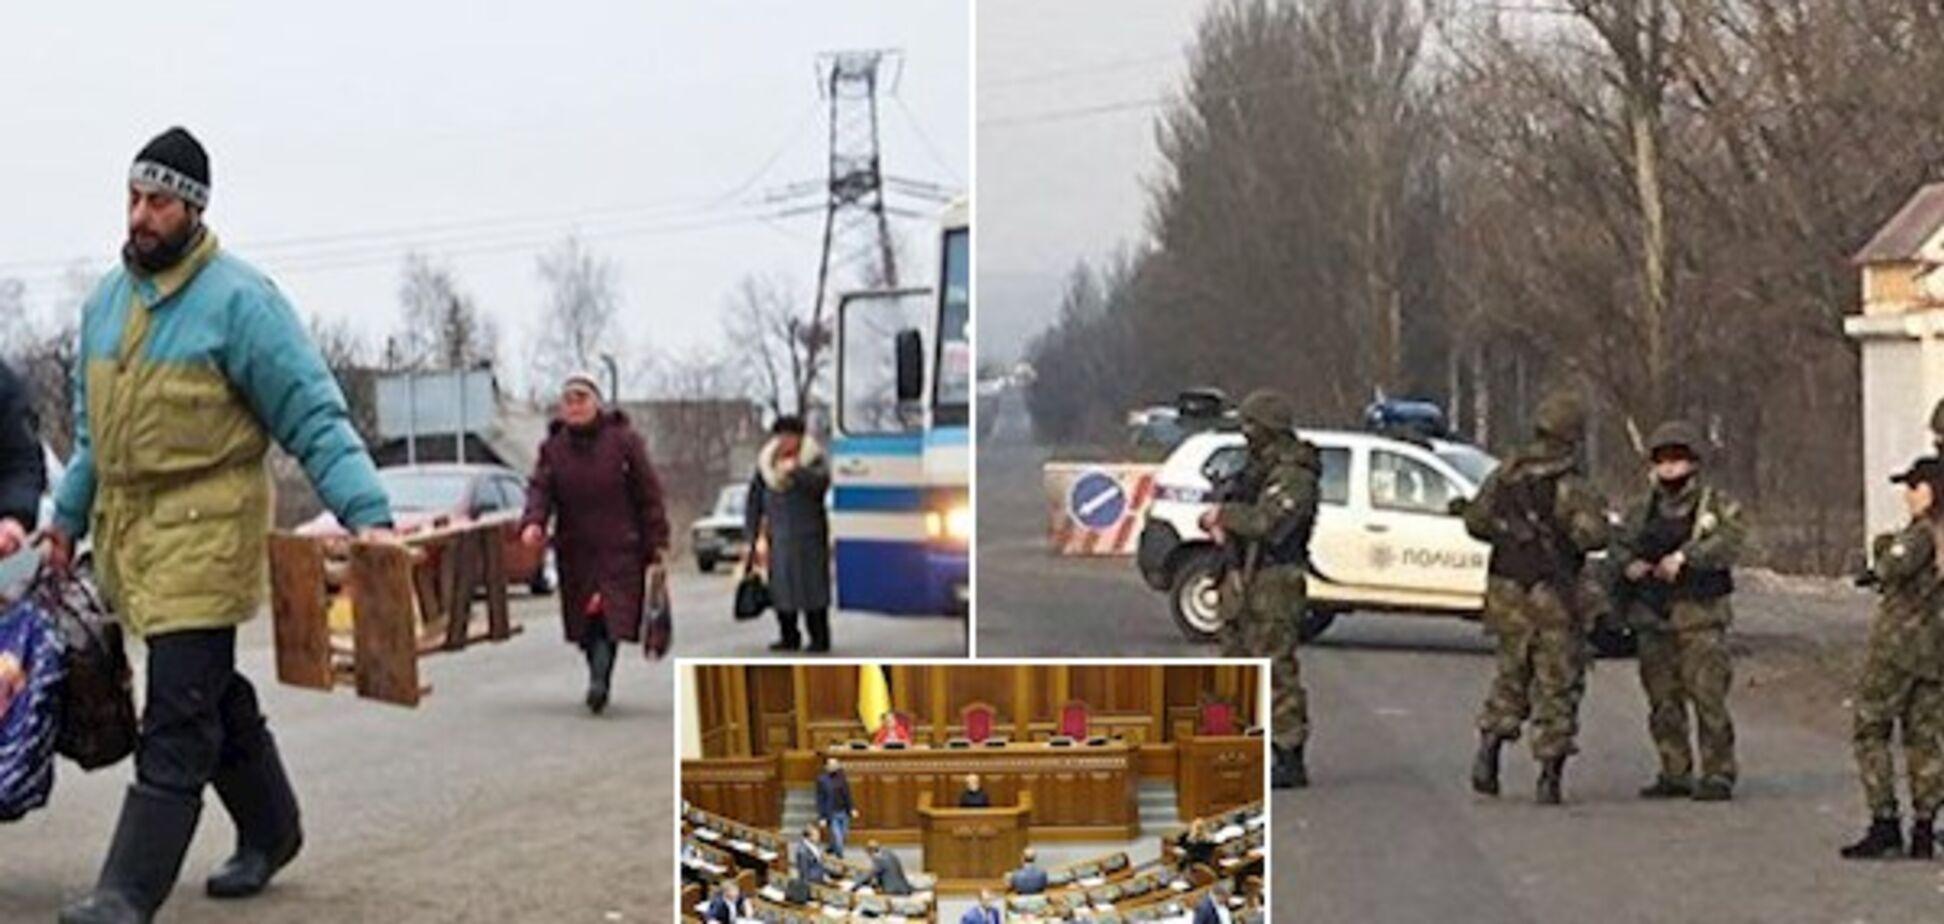 Реинтеграция Донбасса: экс-боец АТО указал на важный момент в борьбе с террористами